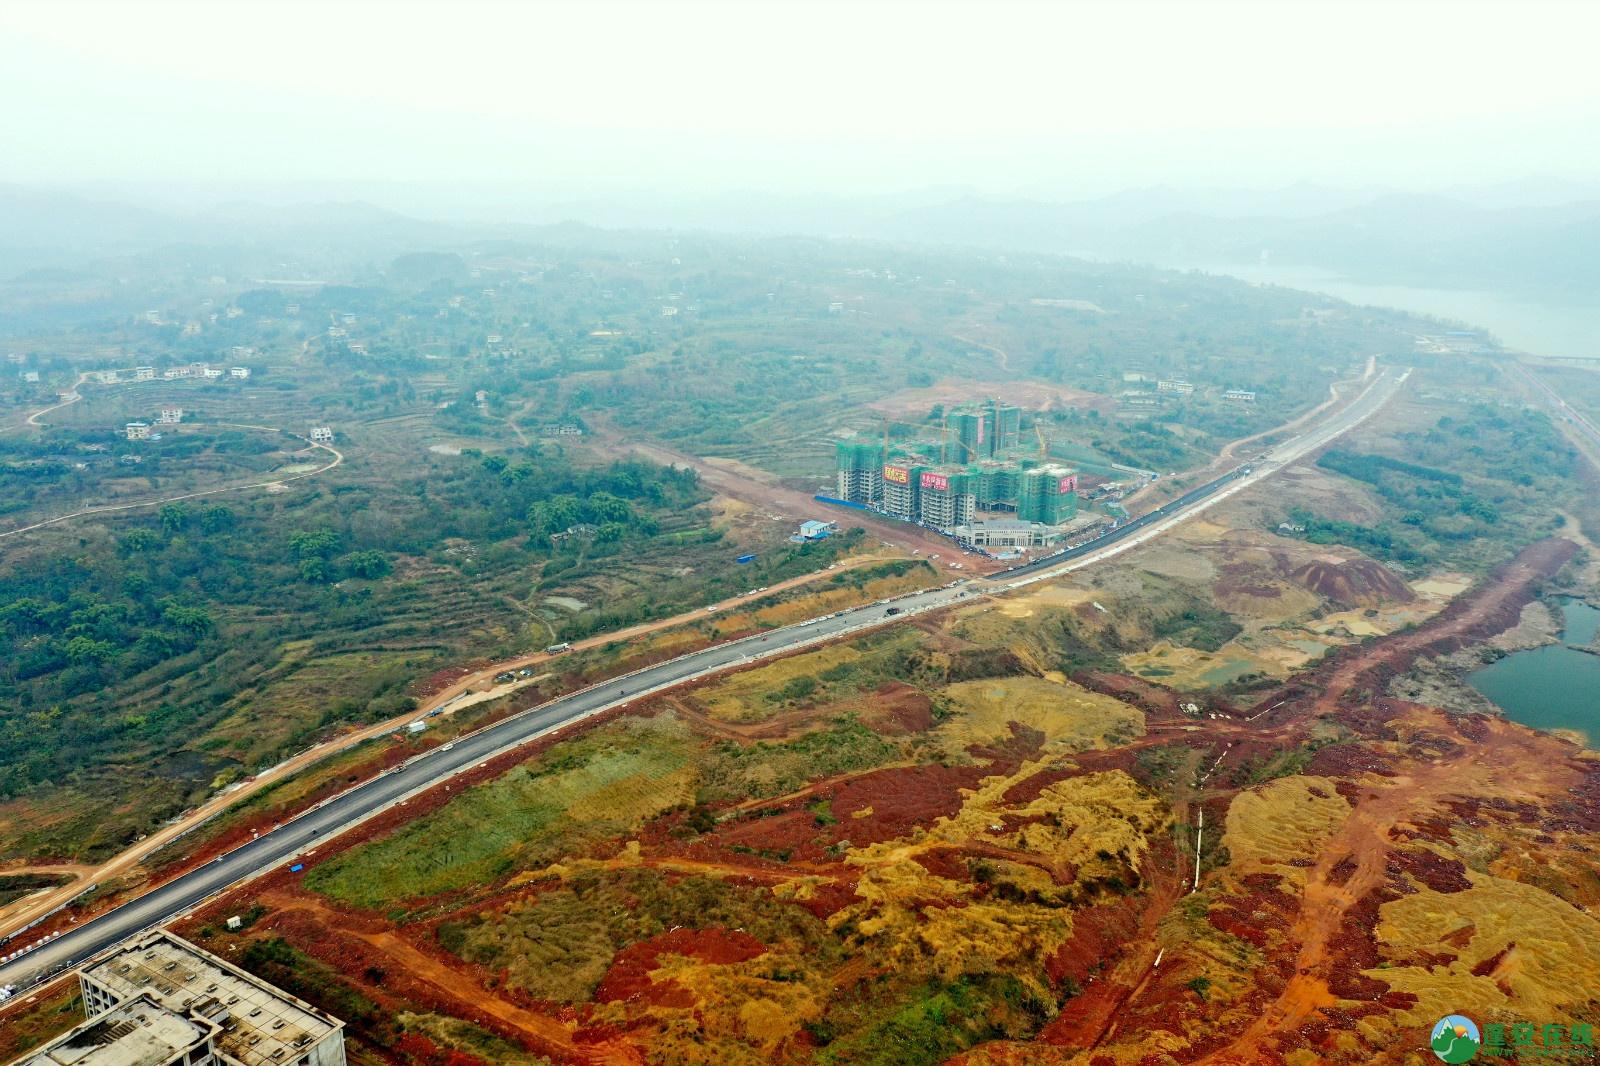 蓬安县凤凰大桥西延线、燕山大道、锦屏干一道、抚琴大道交通要道最新进展!(2019.12.24) - 第45张  | 蓬安在线